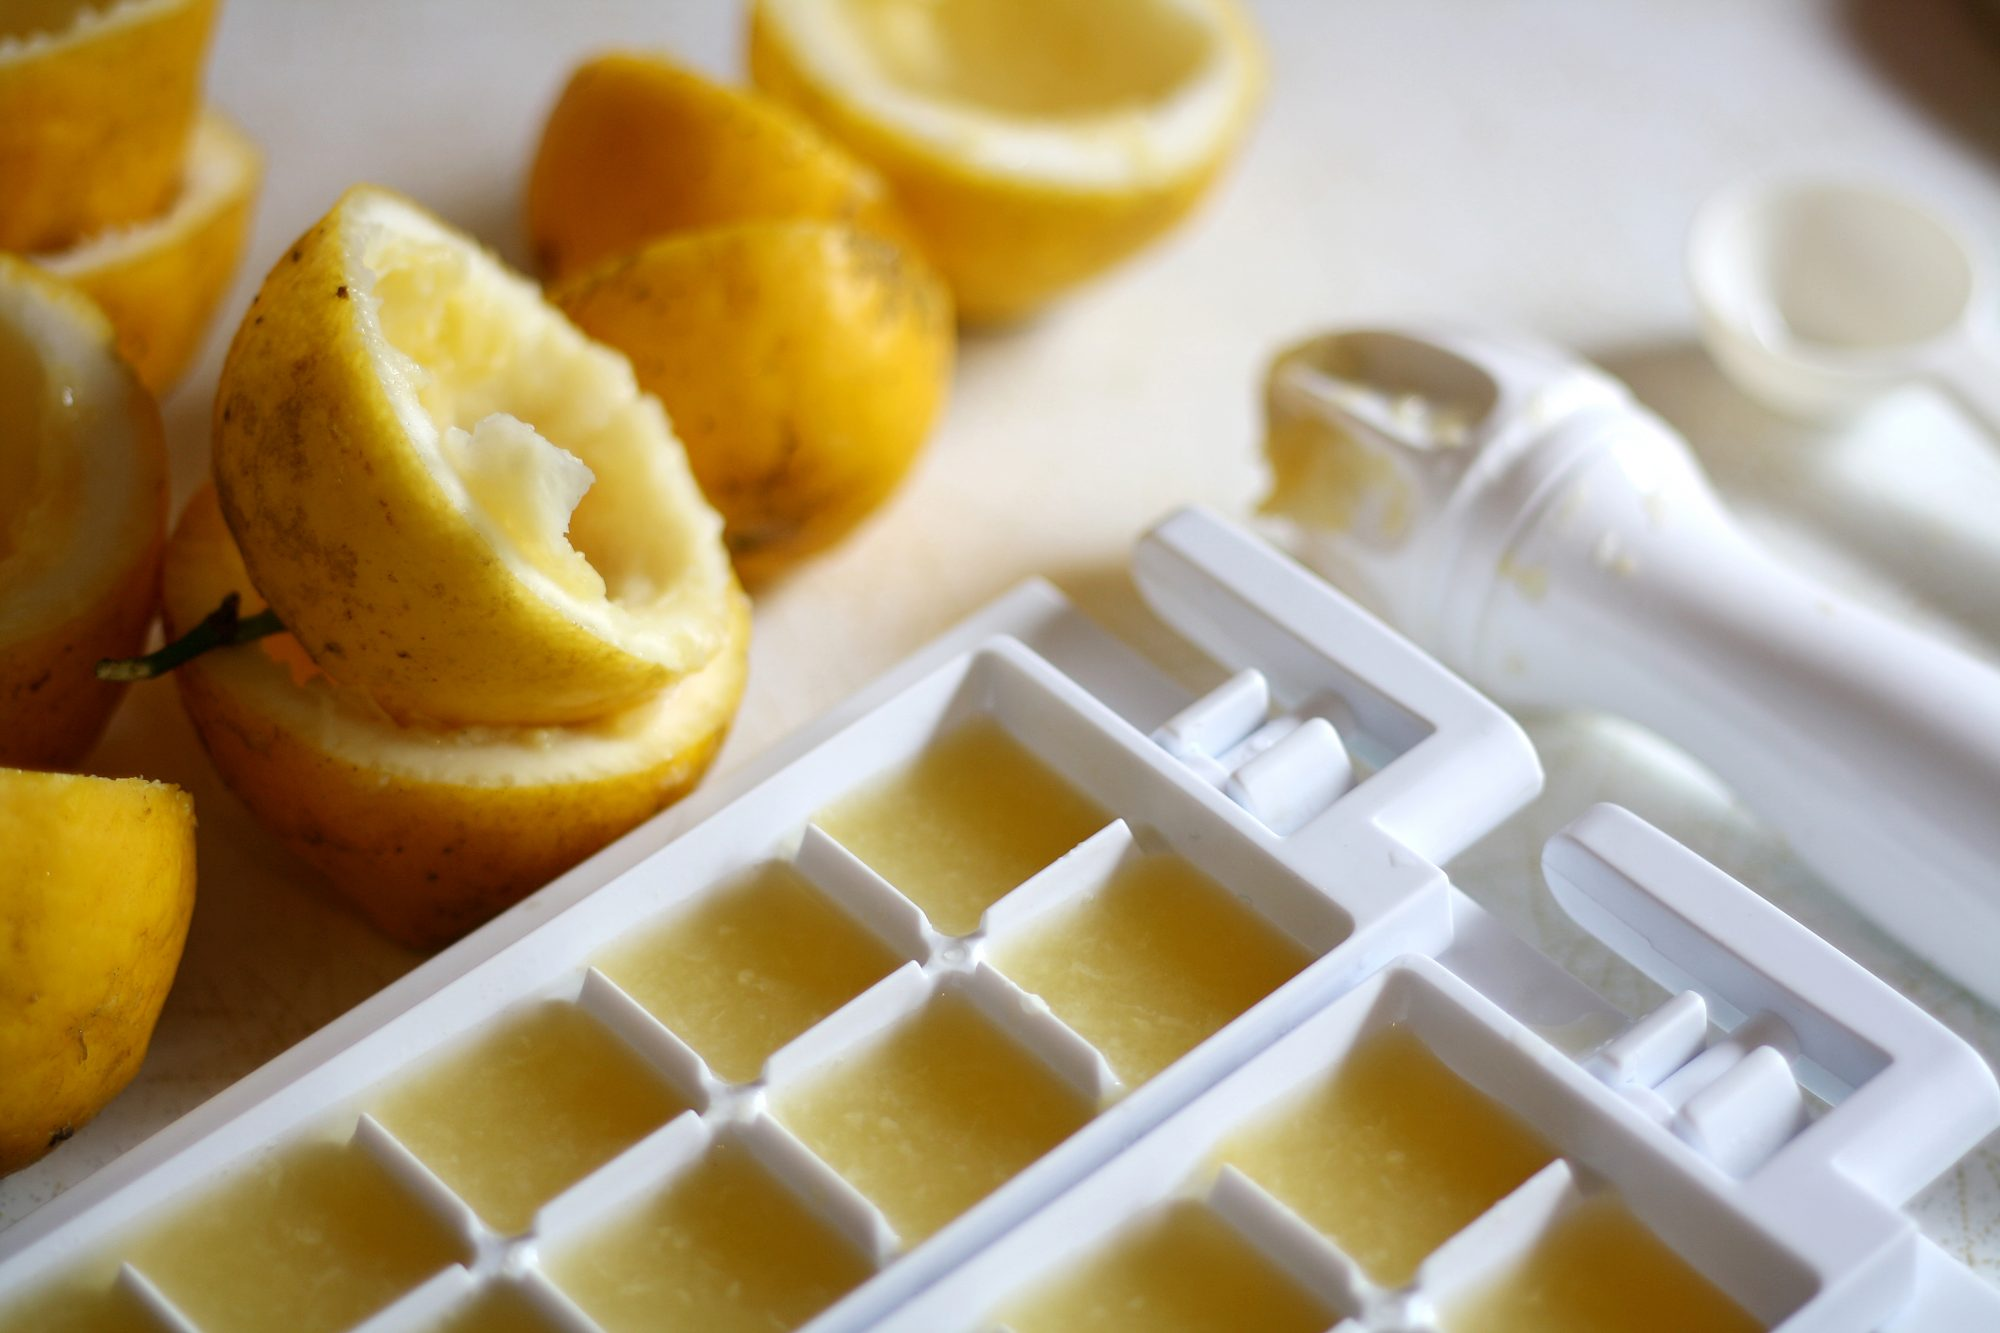 Frozen Lemon Juice Getty 4/10/20